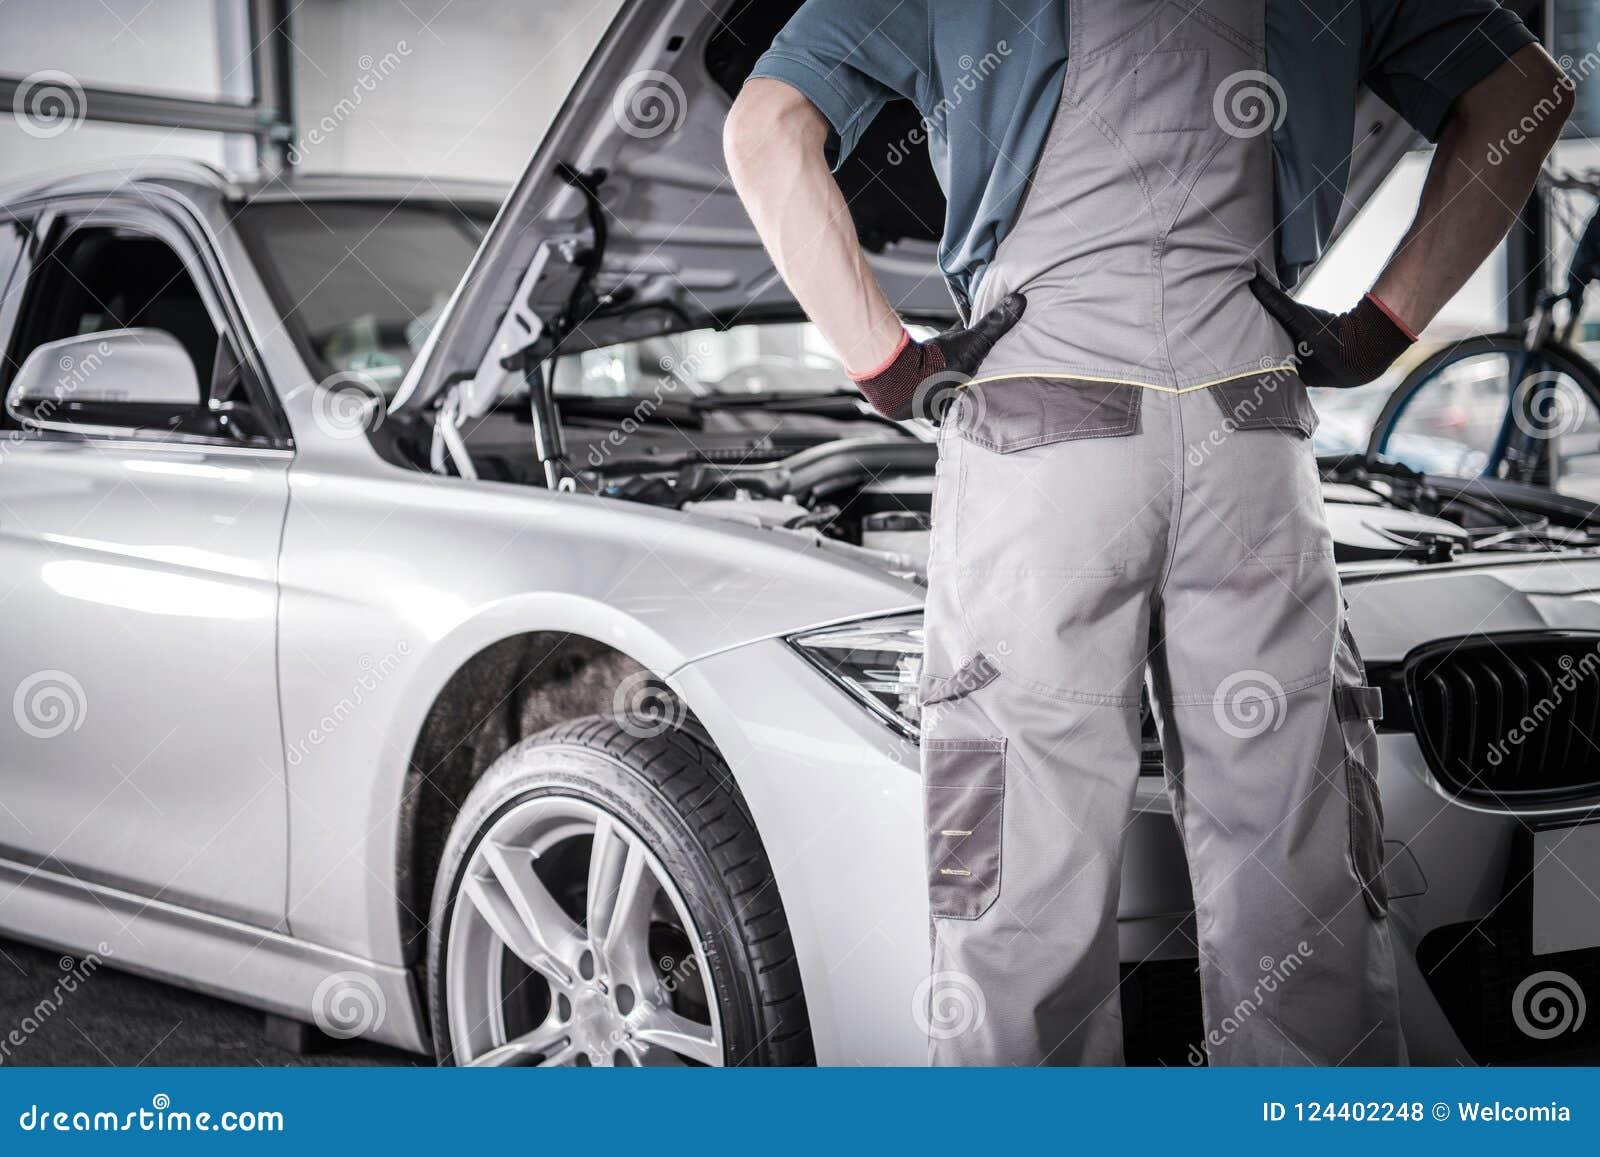 Αποτύπωση ανάκλησης εξουσιοδότησης αυτοκινήτων